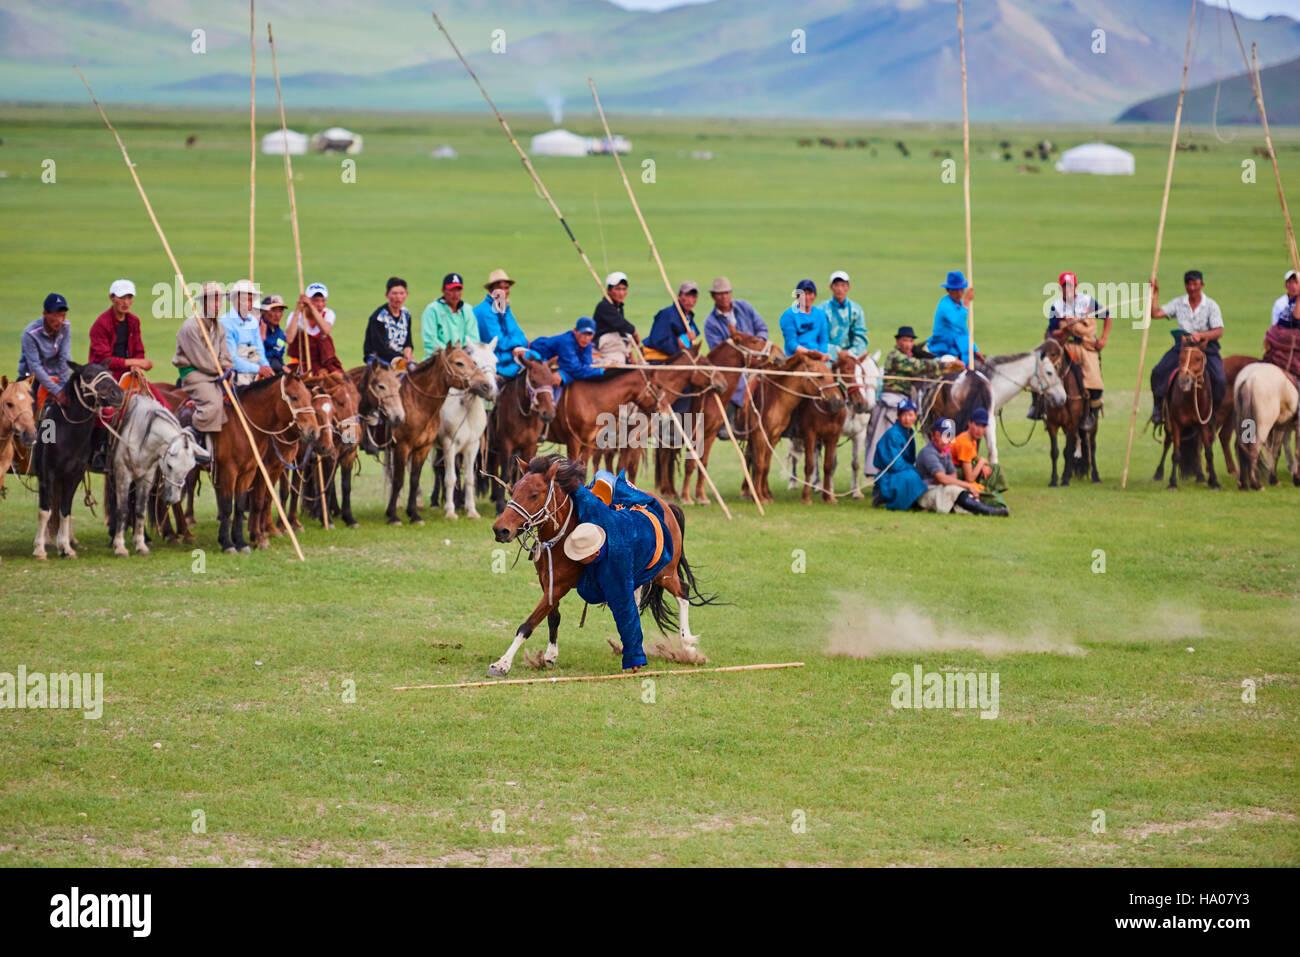 La Mongolie, province de Bayankhongor, Lantern, fête traditionnelle, les jeunes avec leur nomad Urga Photo Stock